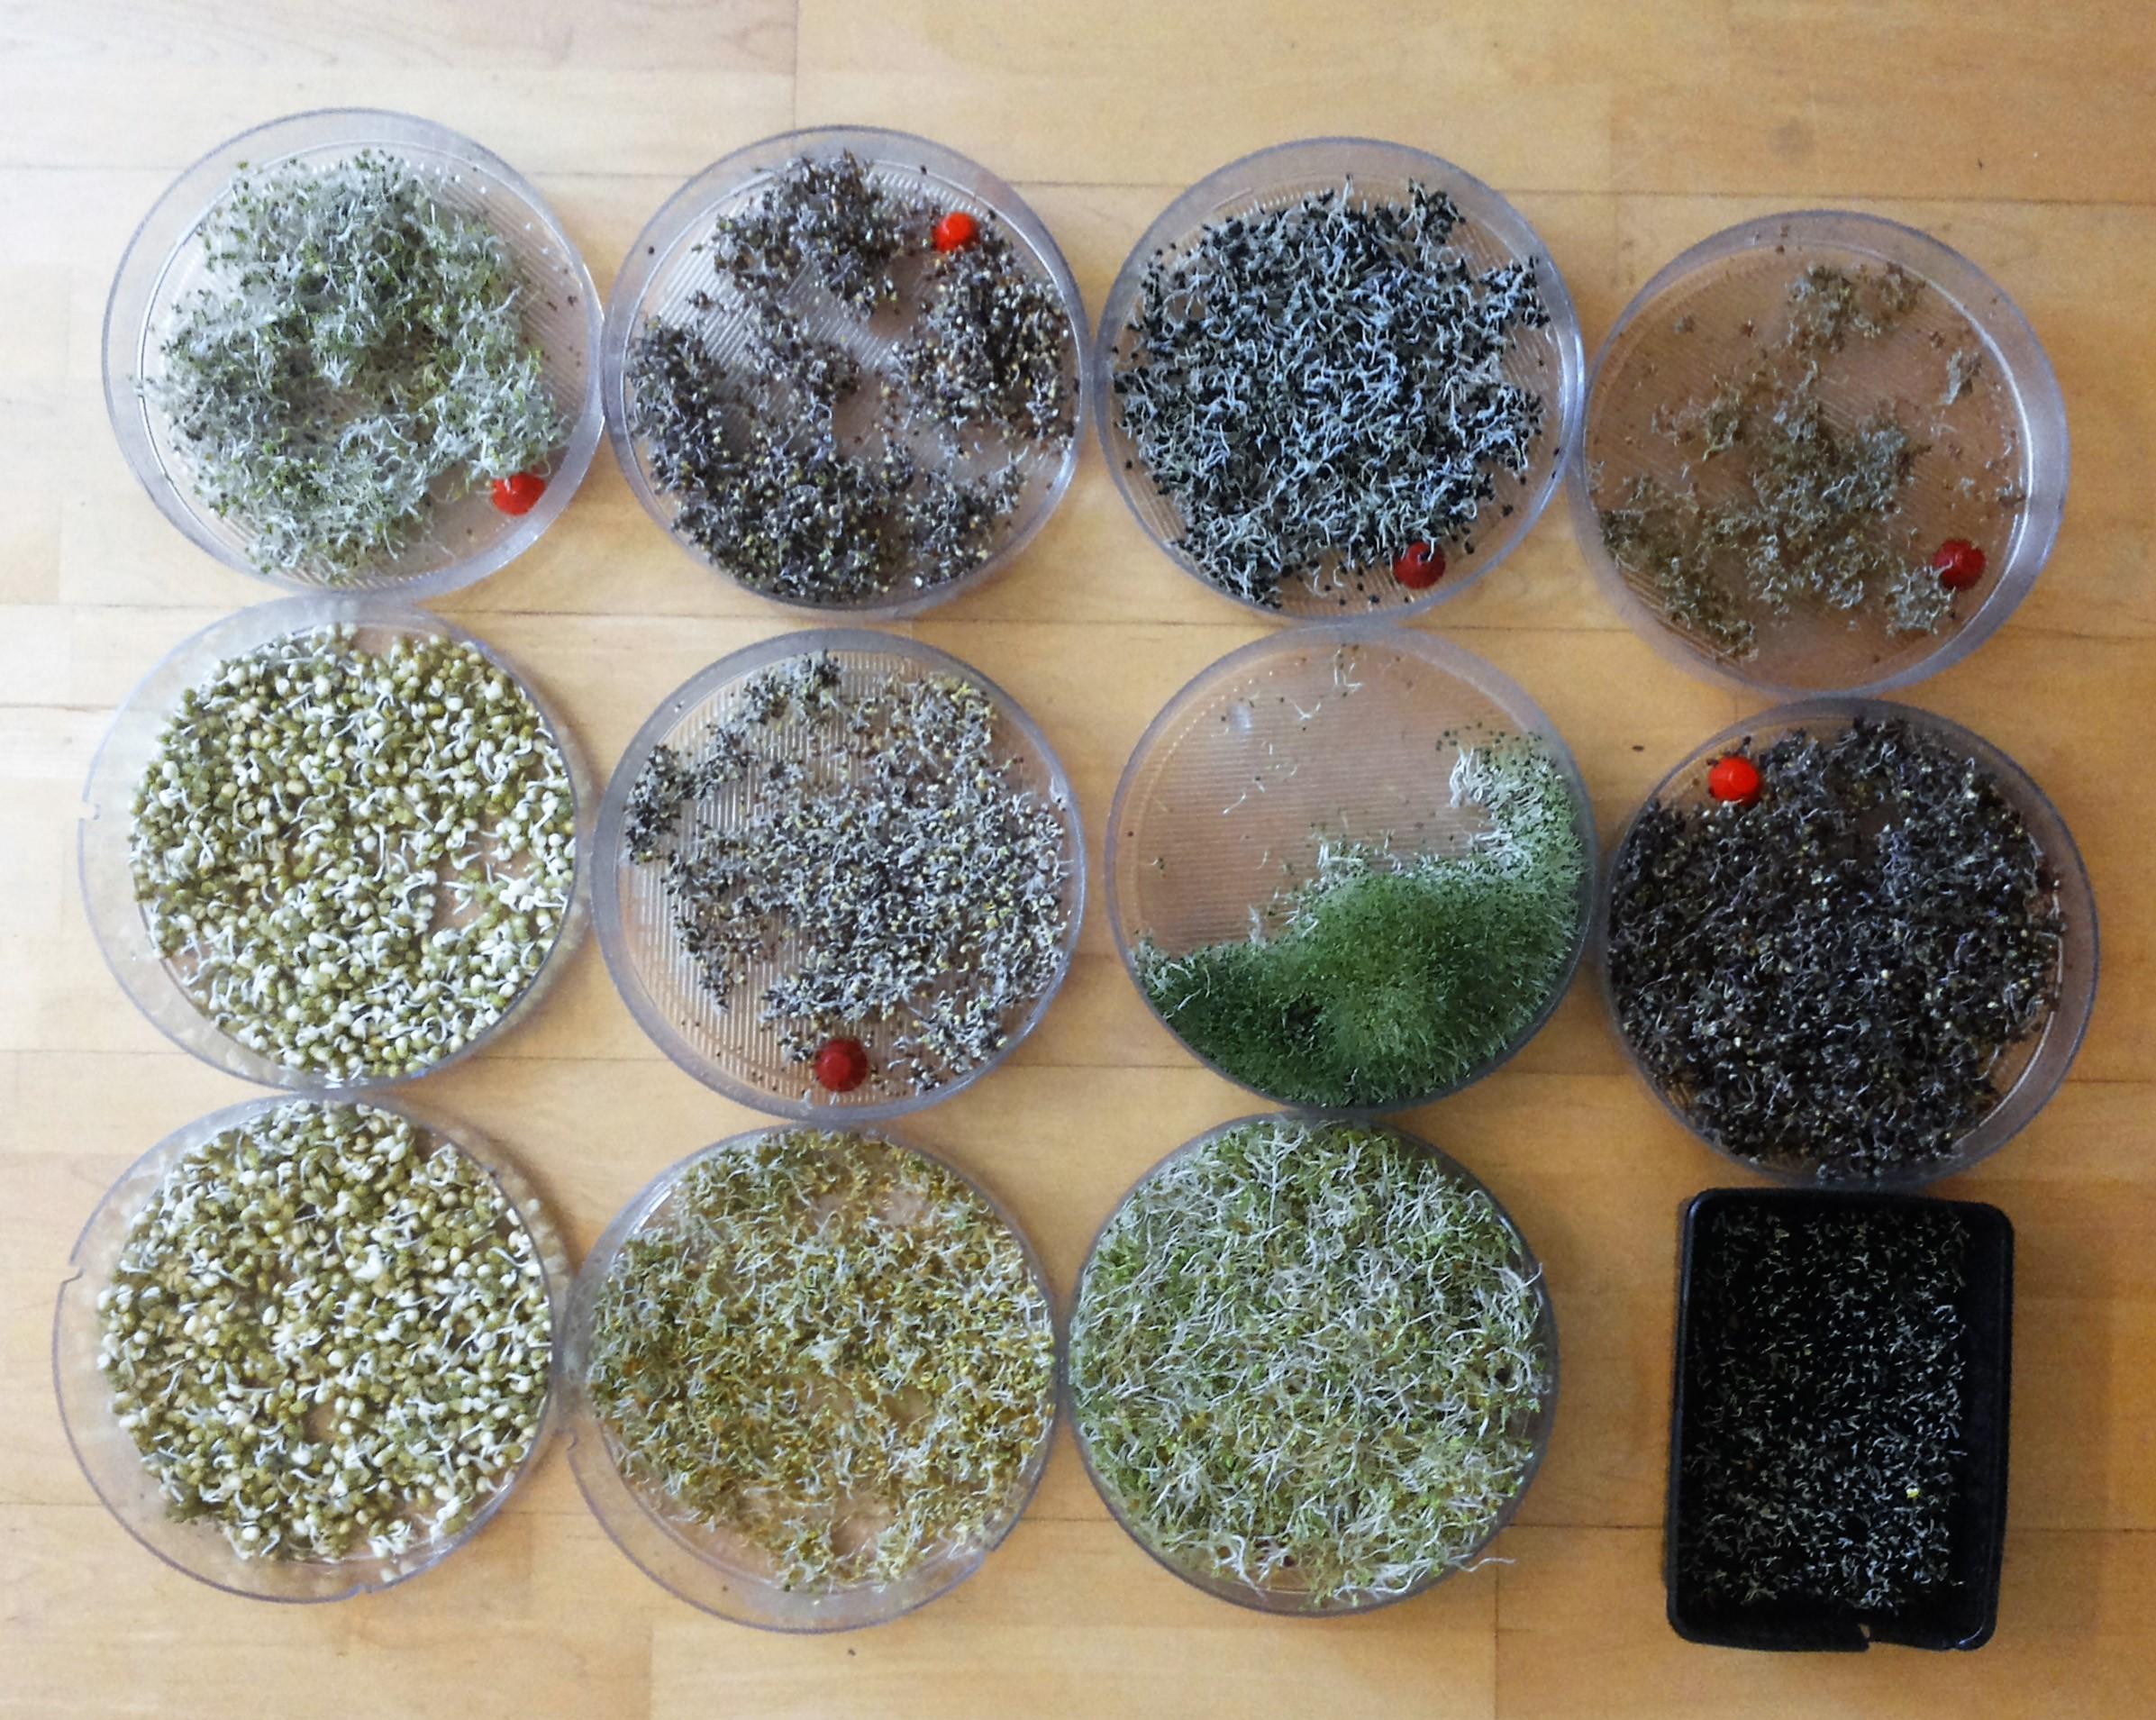 Sprossen und Grünkraut von Alfalfa, Mungobohnen, Rotkohl, Kohlrabi. Zwiebel, Knoblacuh, Kresse, Chia, Karotten